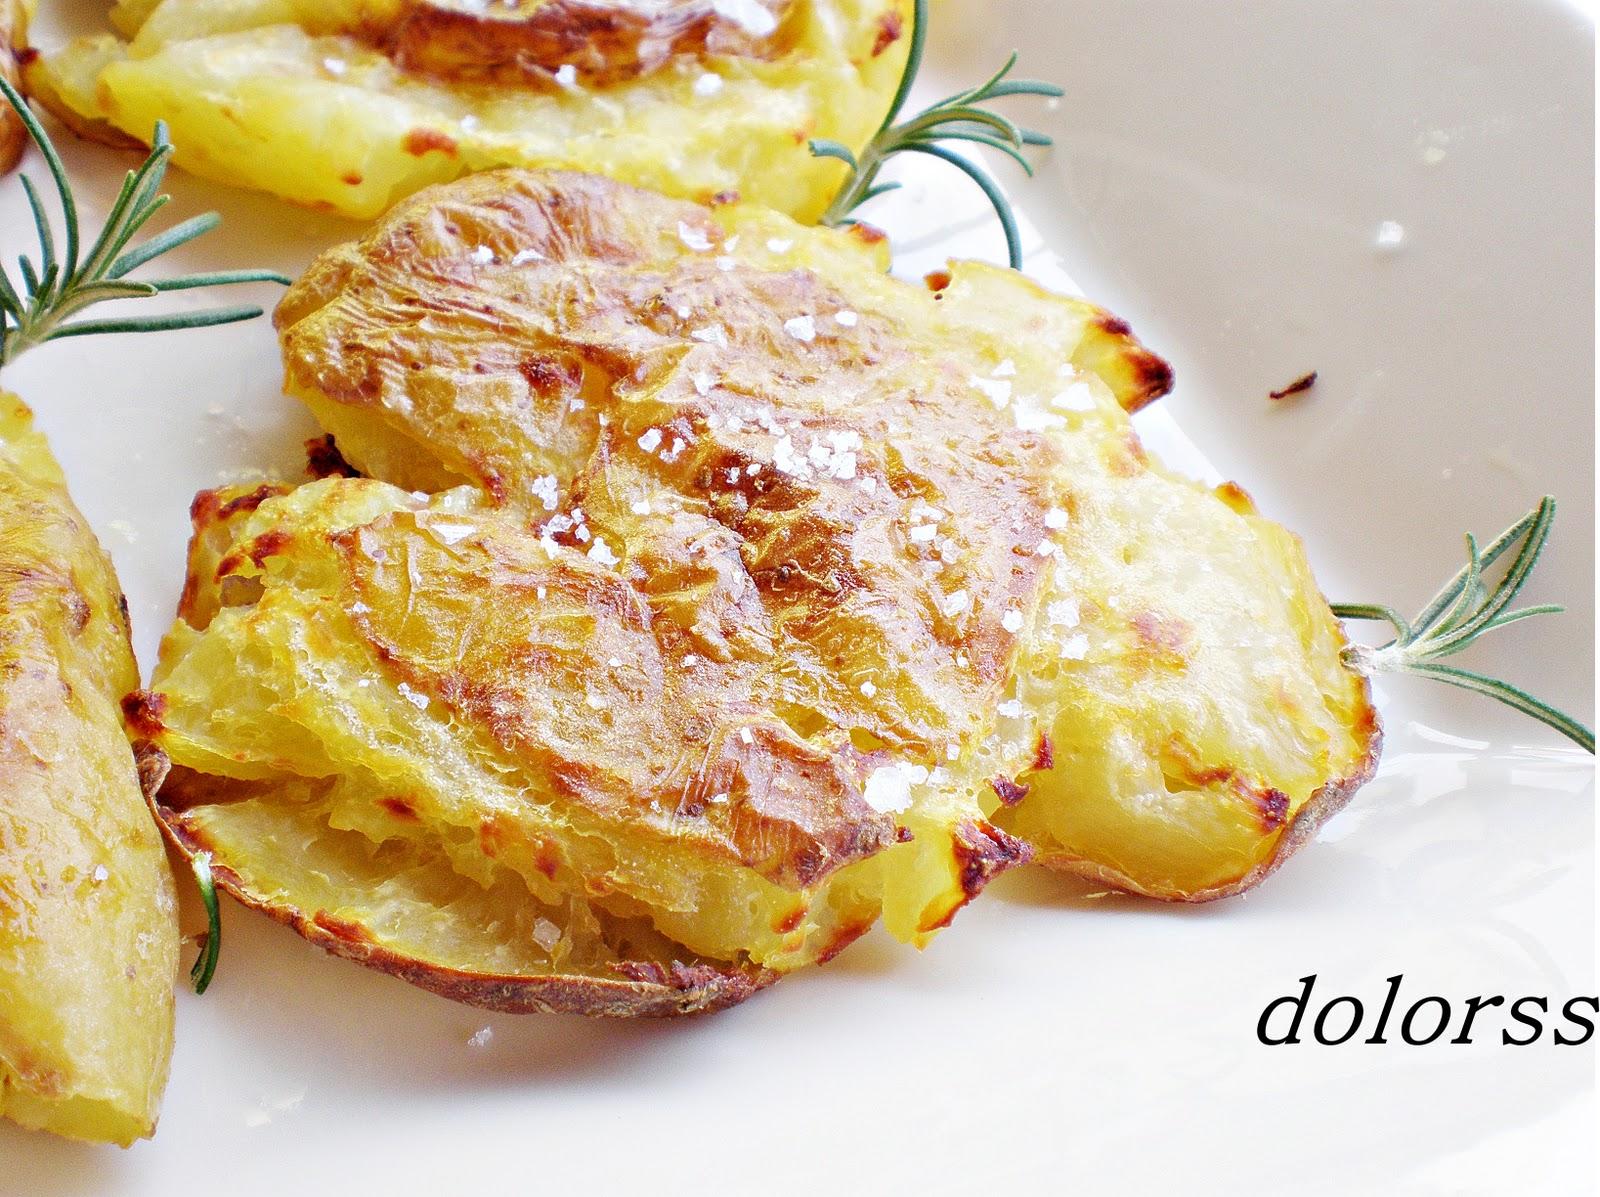 Blog de cuina de la dolorss patatas aplastadas dos texturas olla r pida - Patatas en olla rapida ...